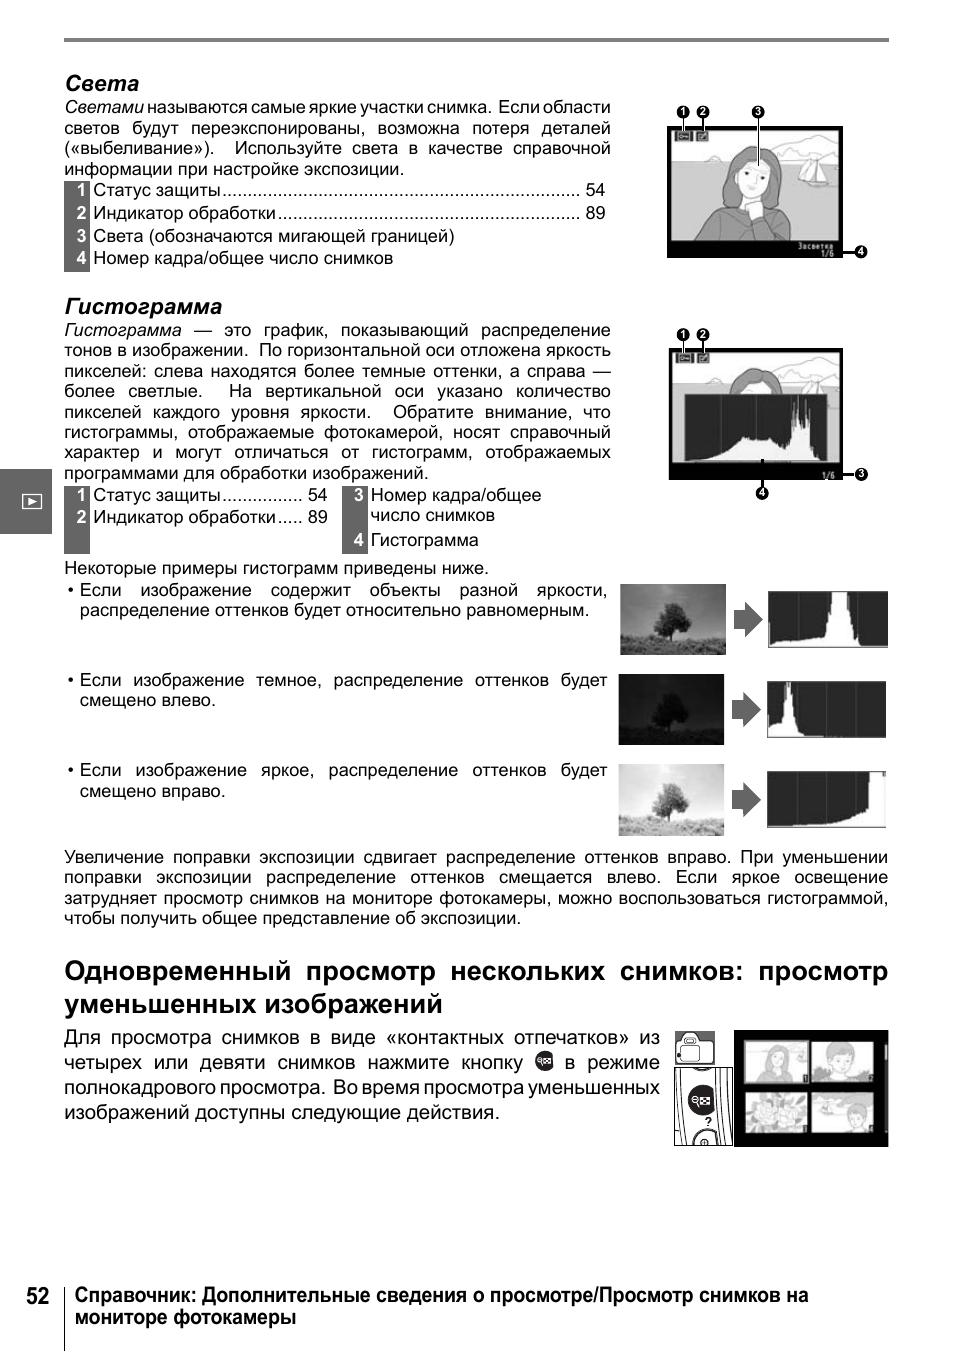 Nikon d40 инструкция по эксплуатации